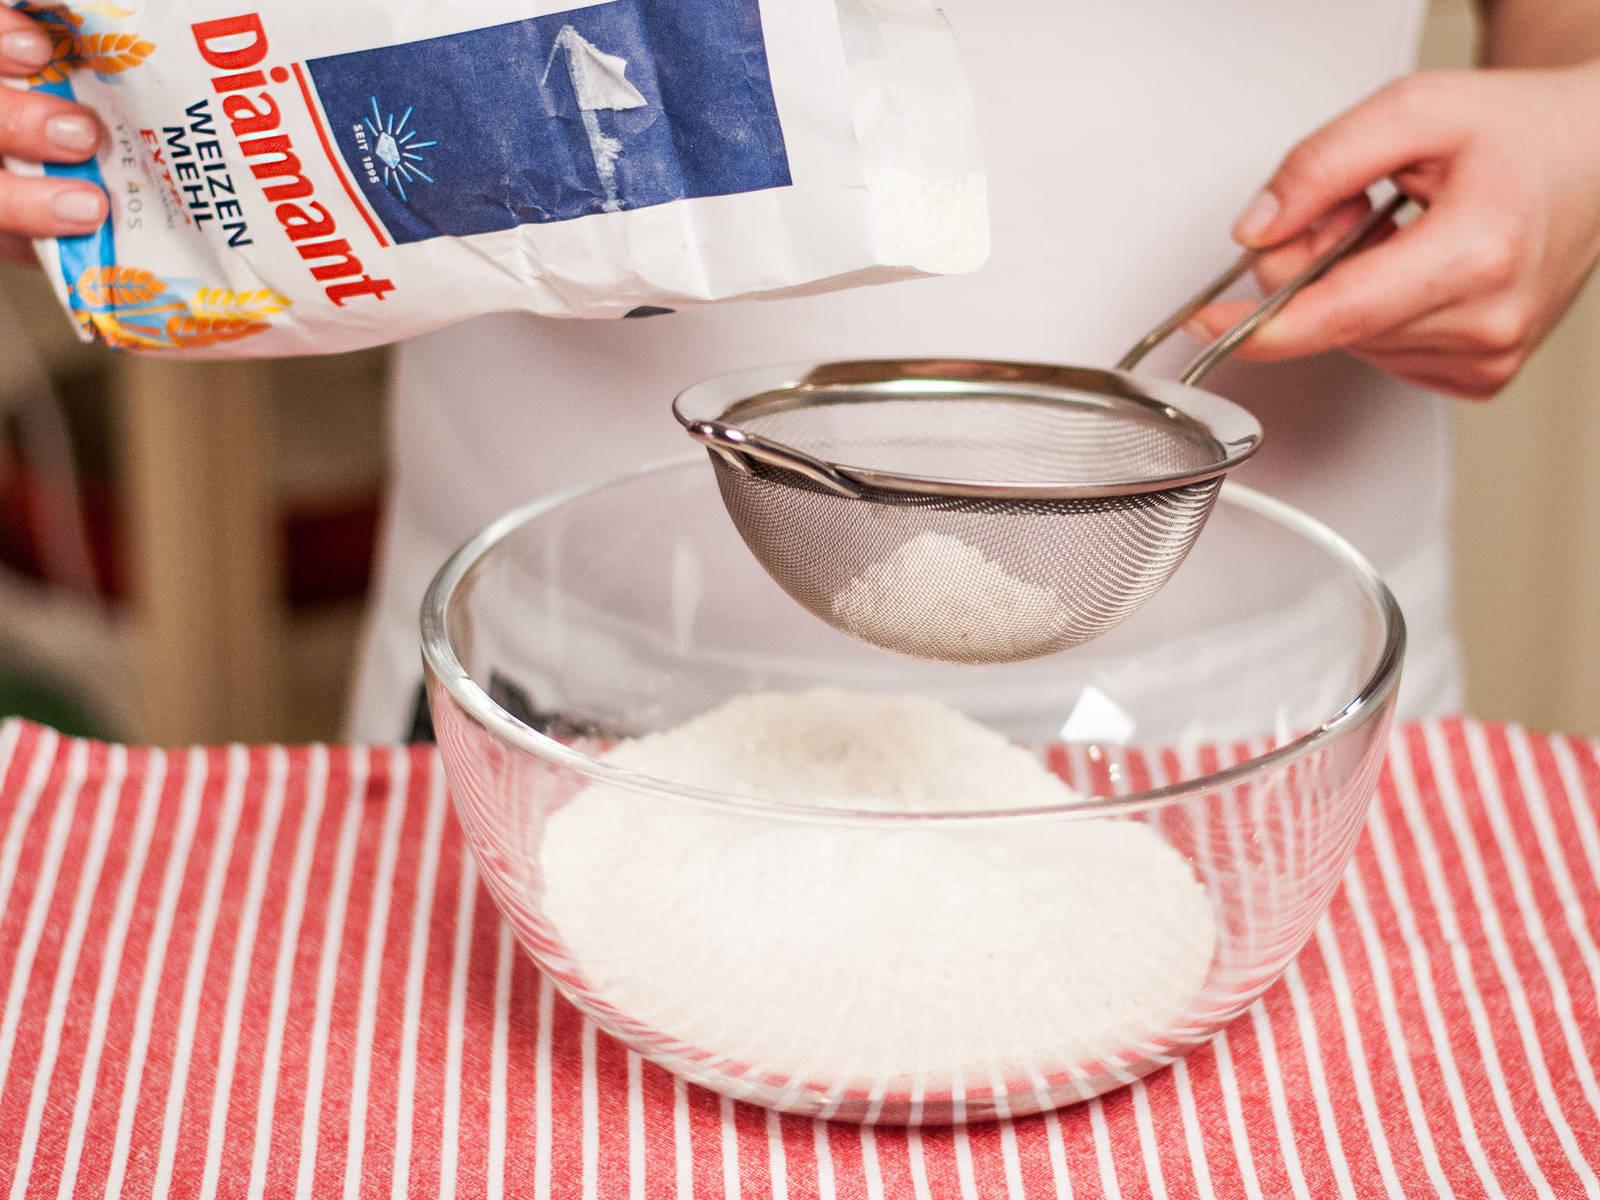 将烤箱预热至180摄氏度。将面粉、小苏打和盐倒入碗中拌匀。